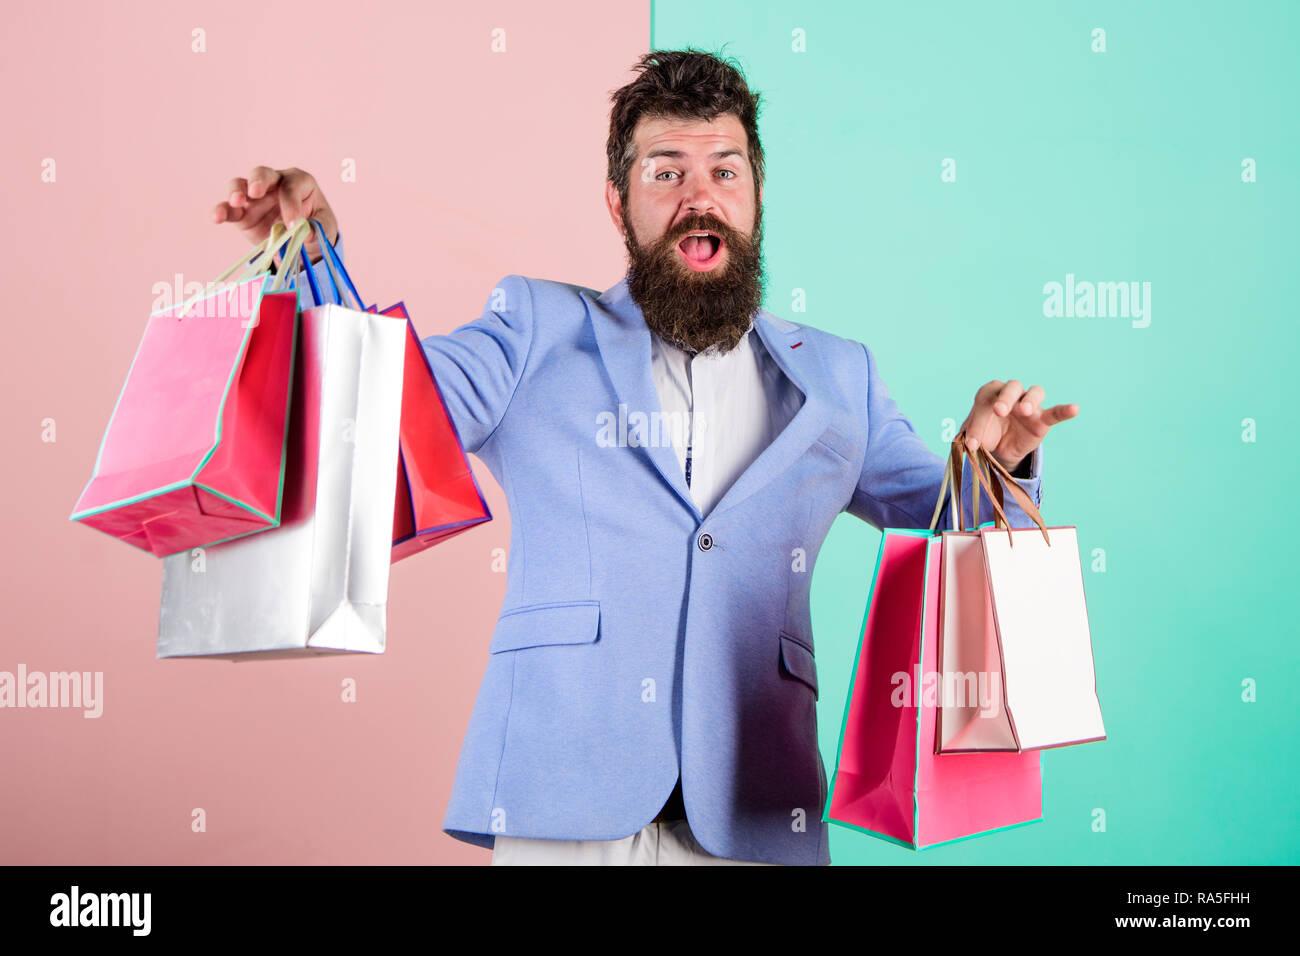 Acquistare regali in anticipo. Godetevi lo shopping venerdì nero. Hipster shopping con lo sconto. Uomo Barbuto hipster imprenditore abito formale di trasportare la carta delle borse per lo shopping. Acquistare regali per tutti. Pronto per le vacanze. Immagini Stock